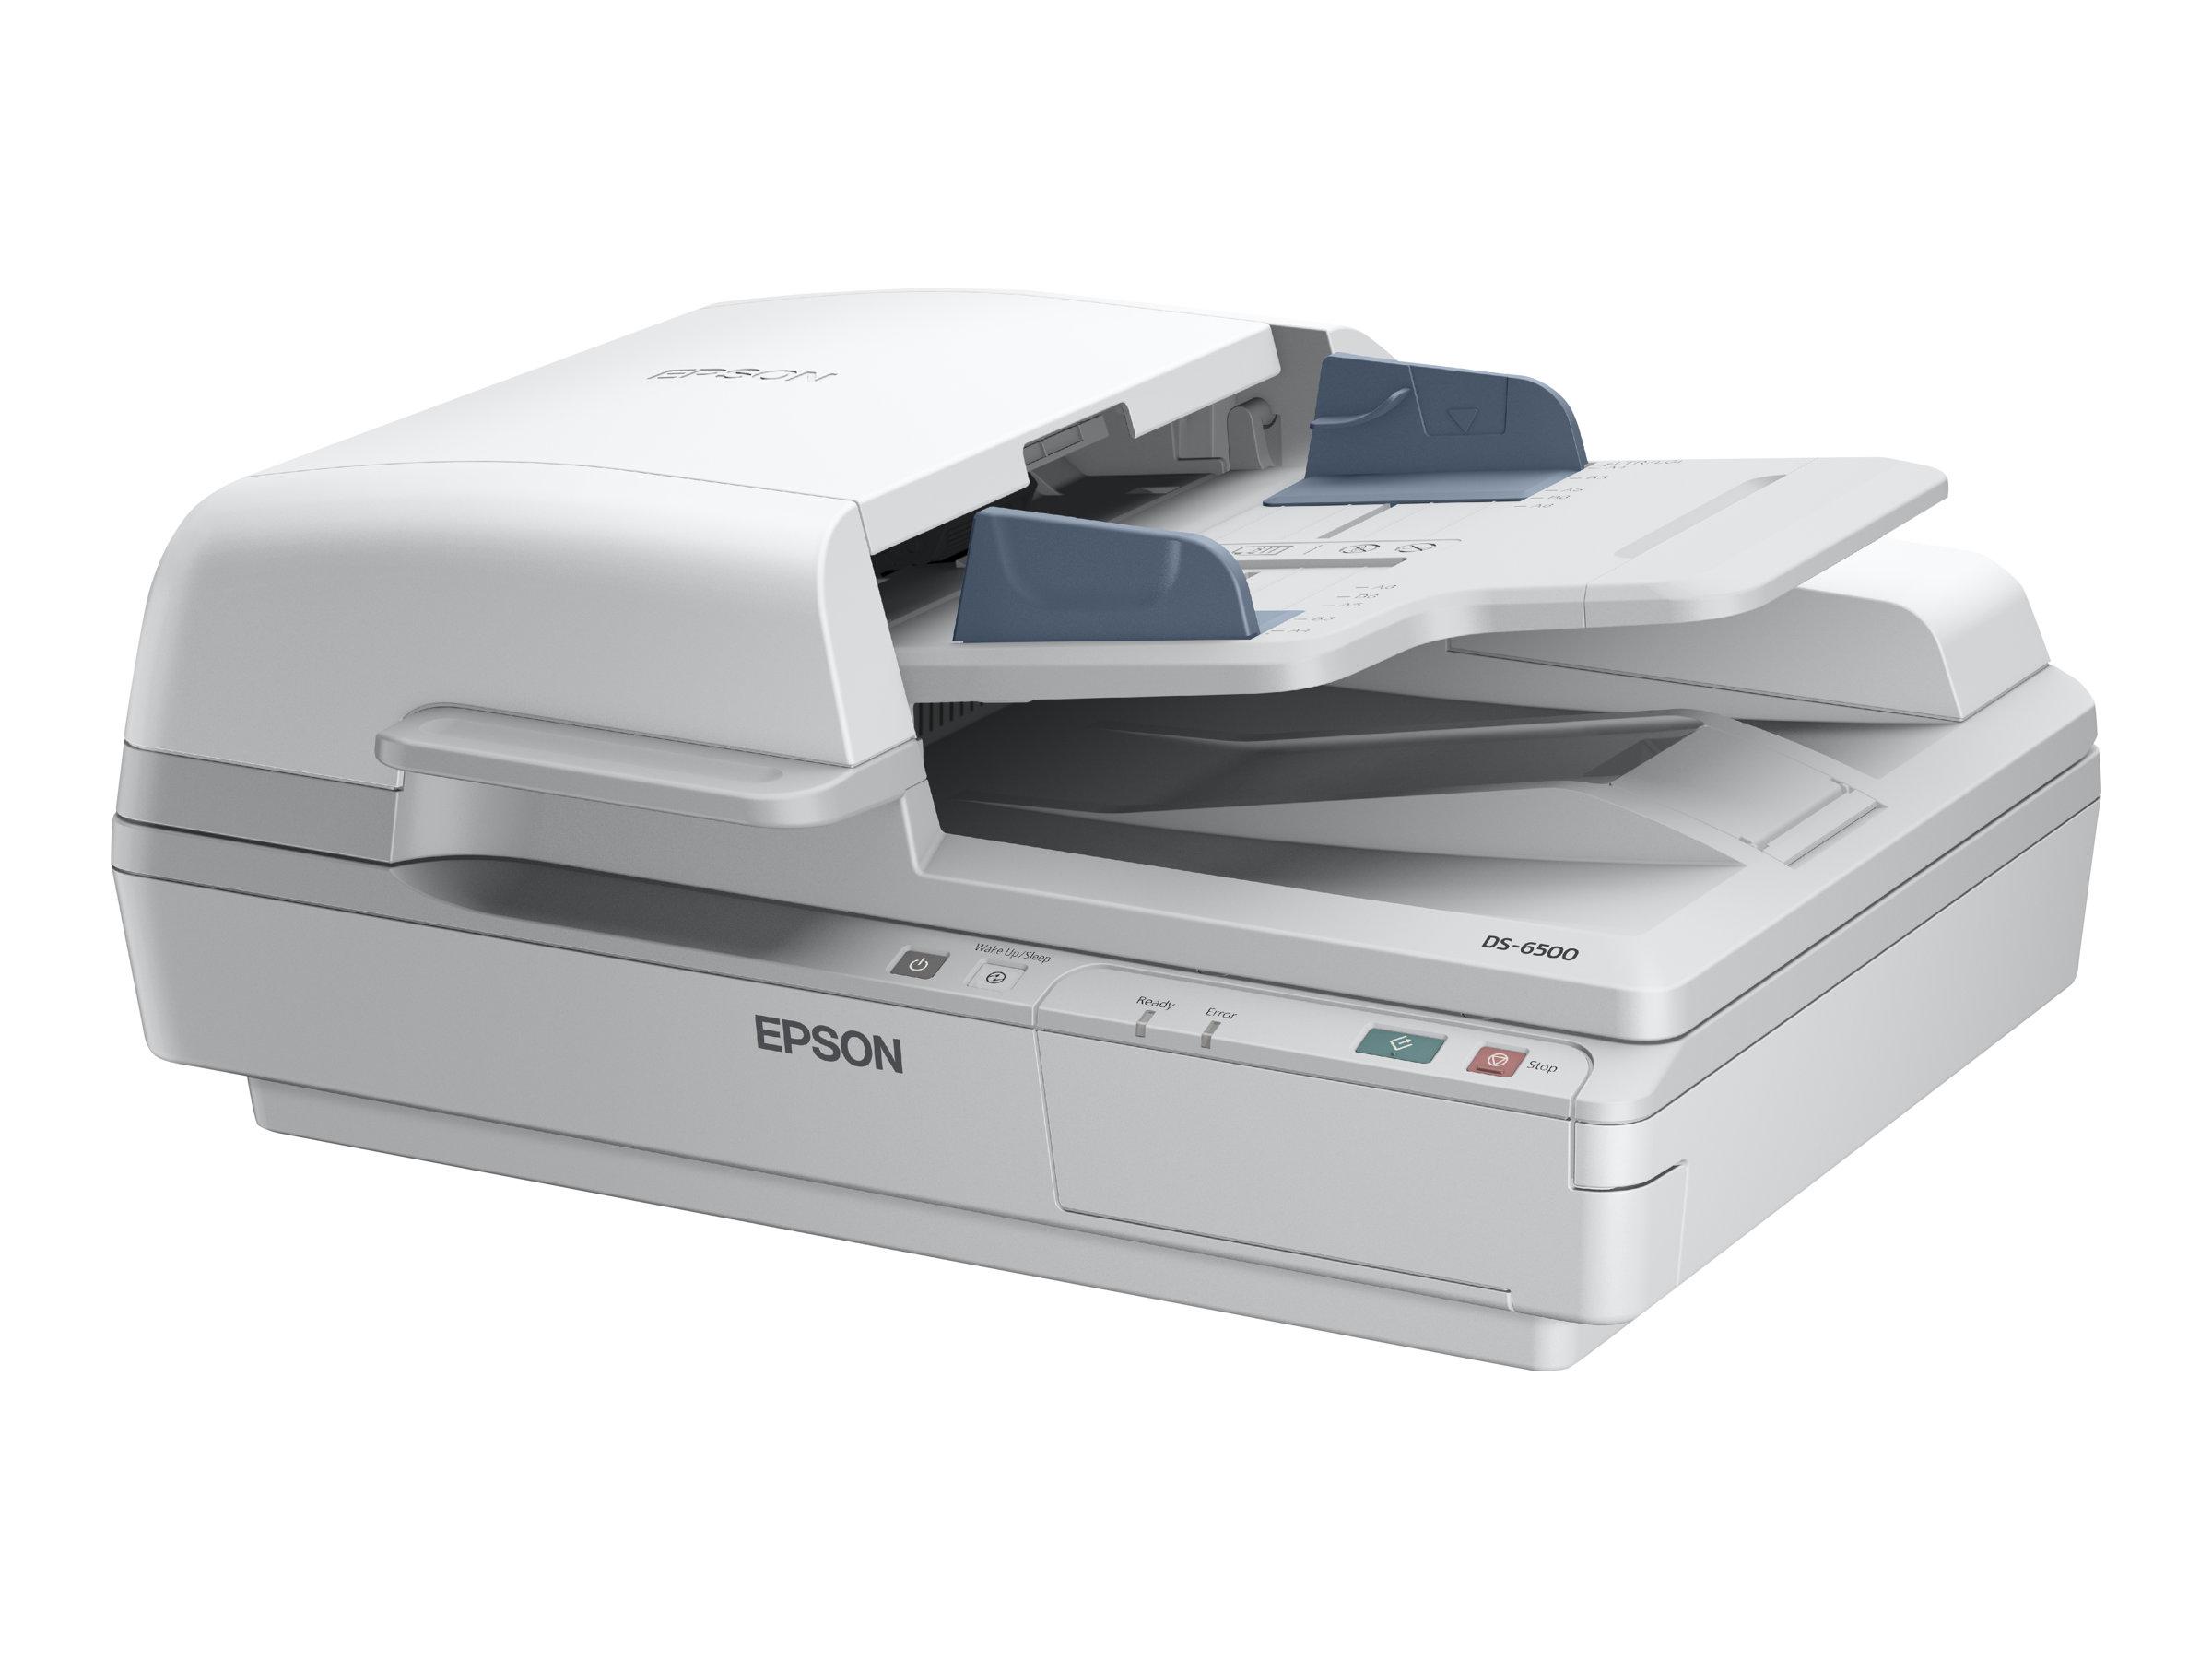 Epson WorkForce DS-7500 - Dokumentenscanner - Duplex - A4 - 1200 dpi x 1200 dpi - bis zu 40 Seiten/Min. (einfarbig) / bis zu 40